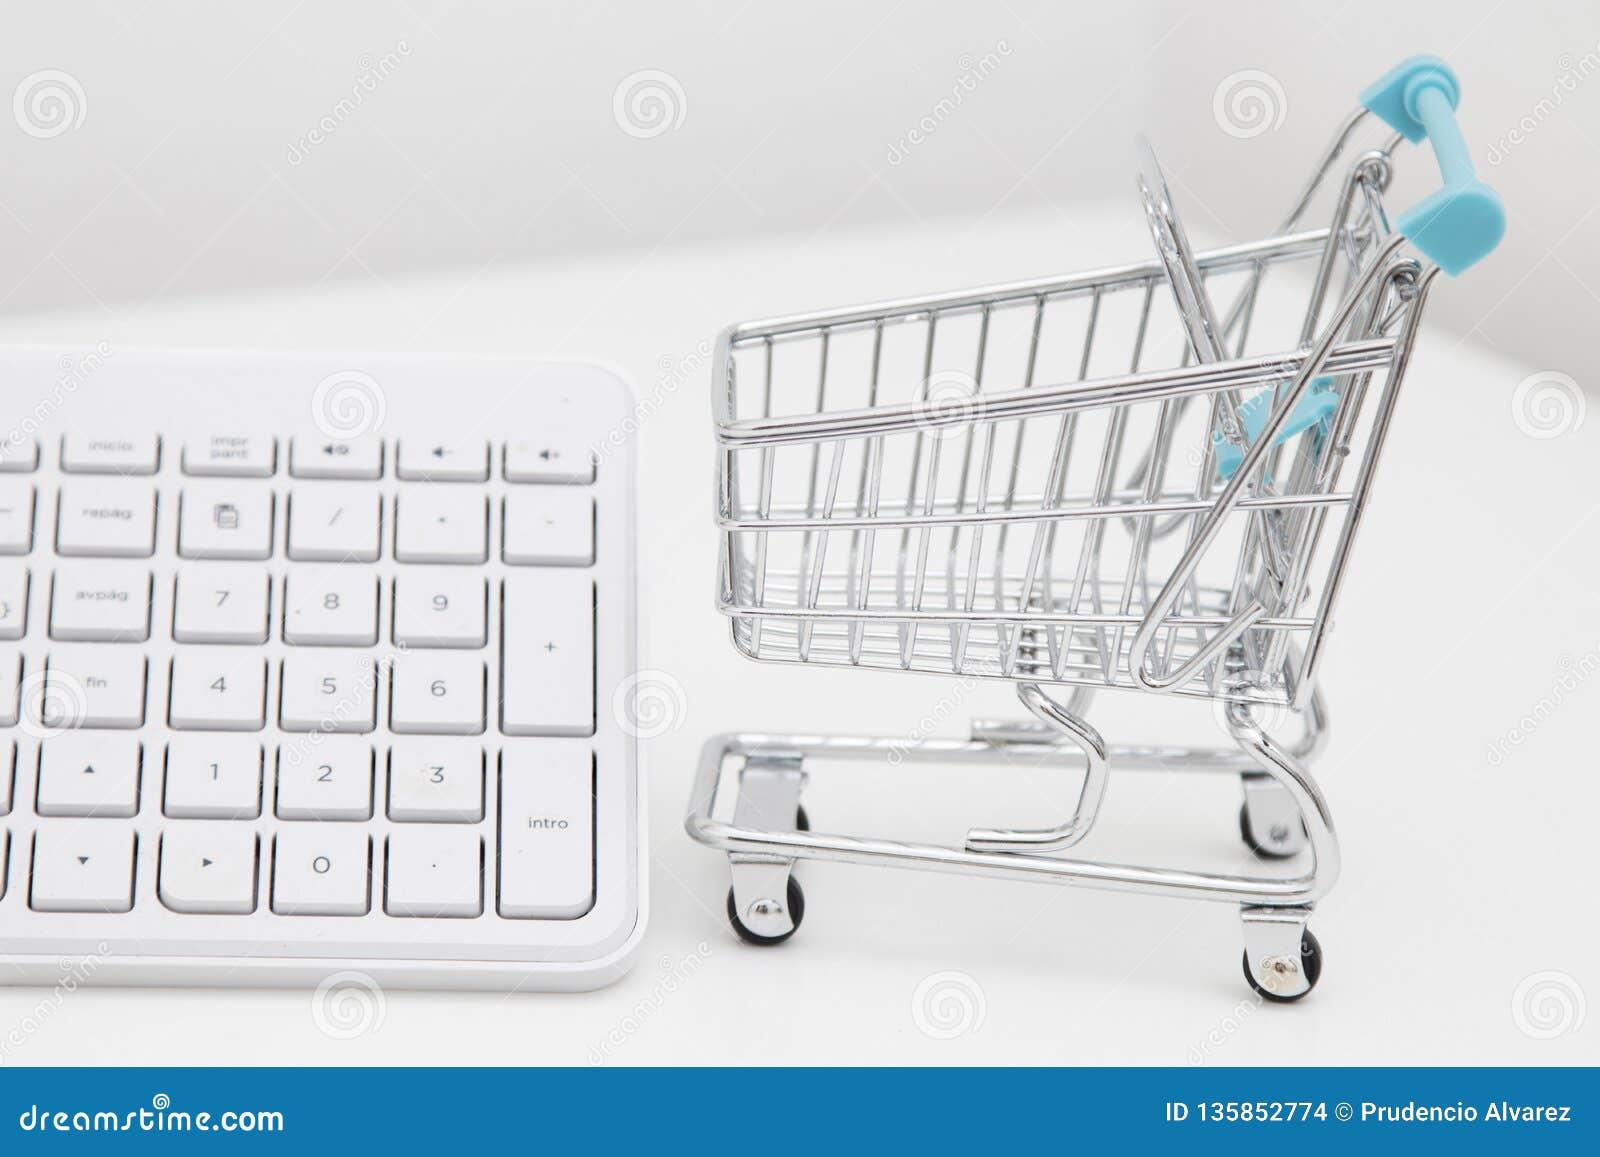 Онлайн Картинки Рабочий Стол